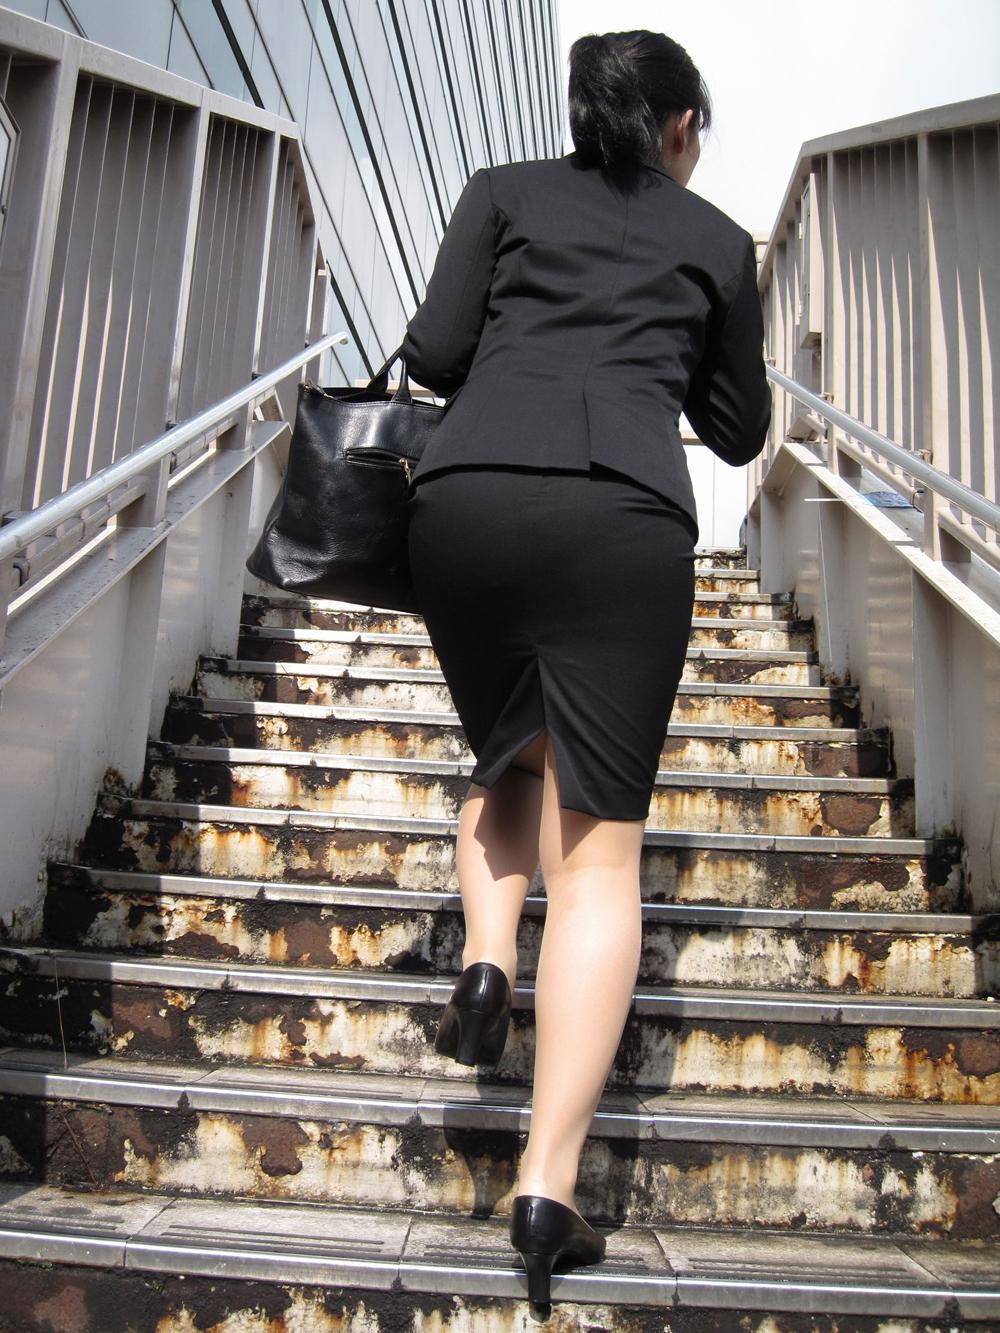 階段やエスカレーターで取ったタイトスカートのお尻街撮り素人エロ画像9